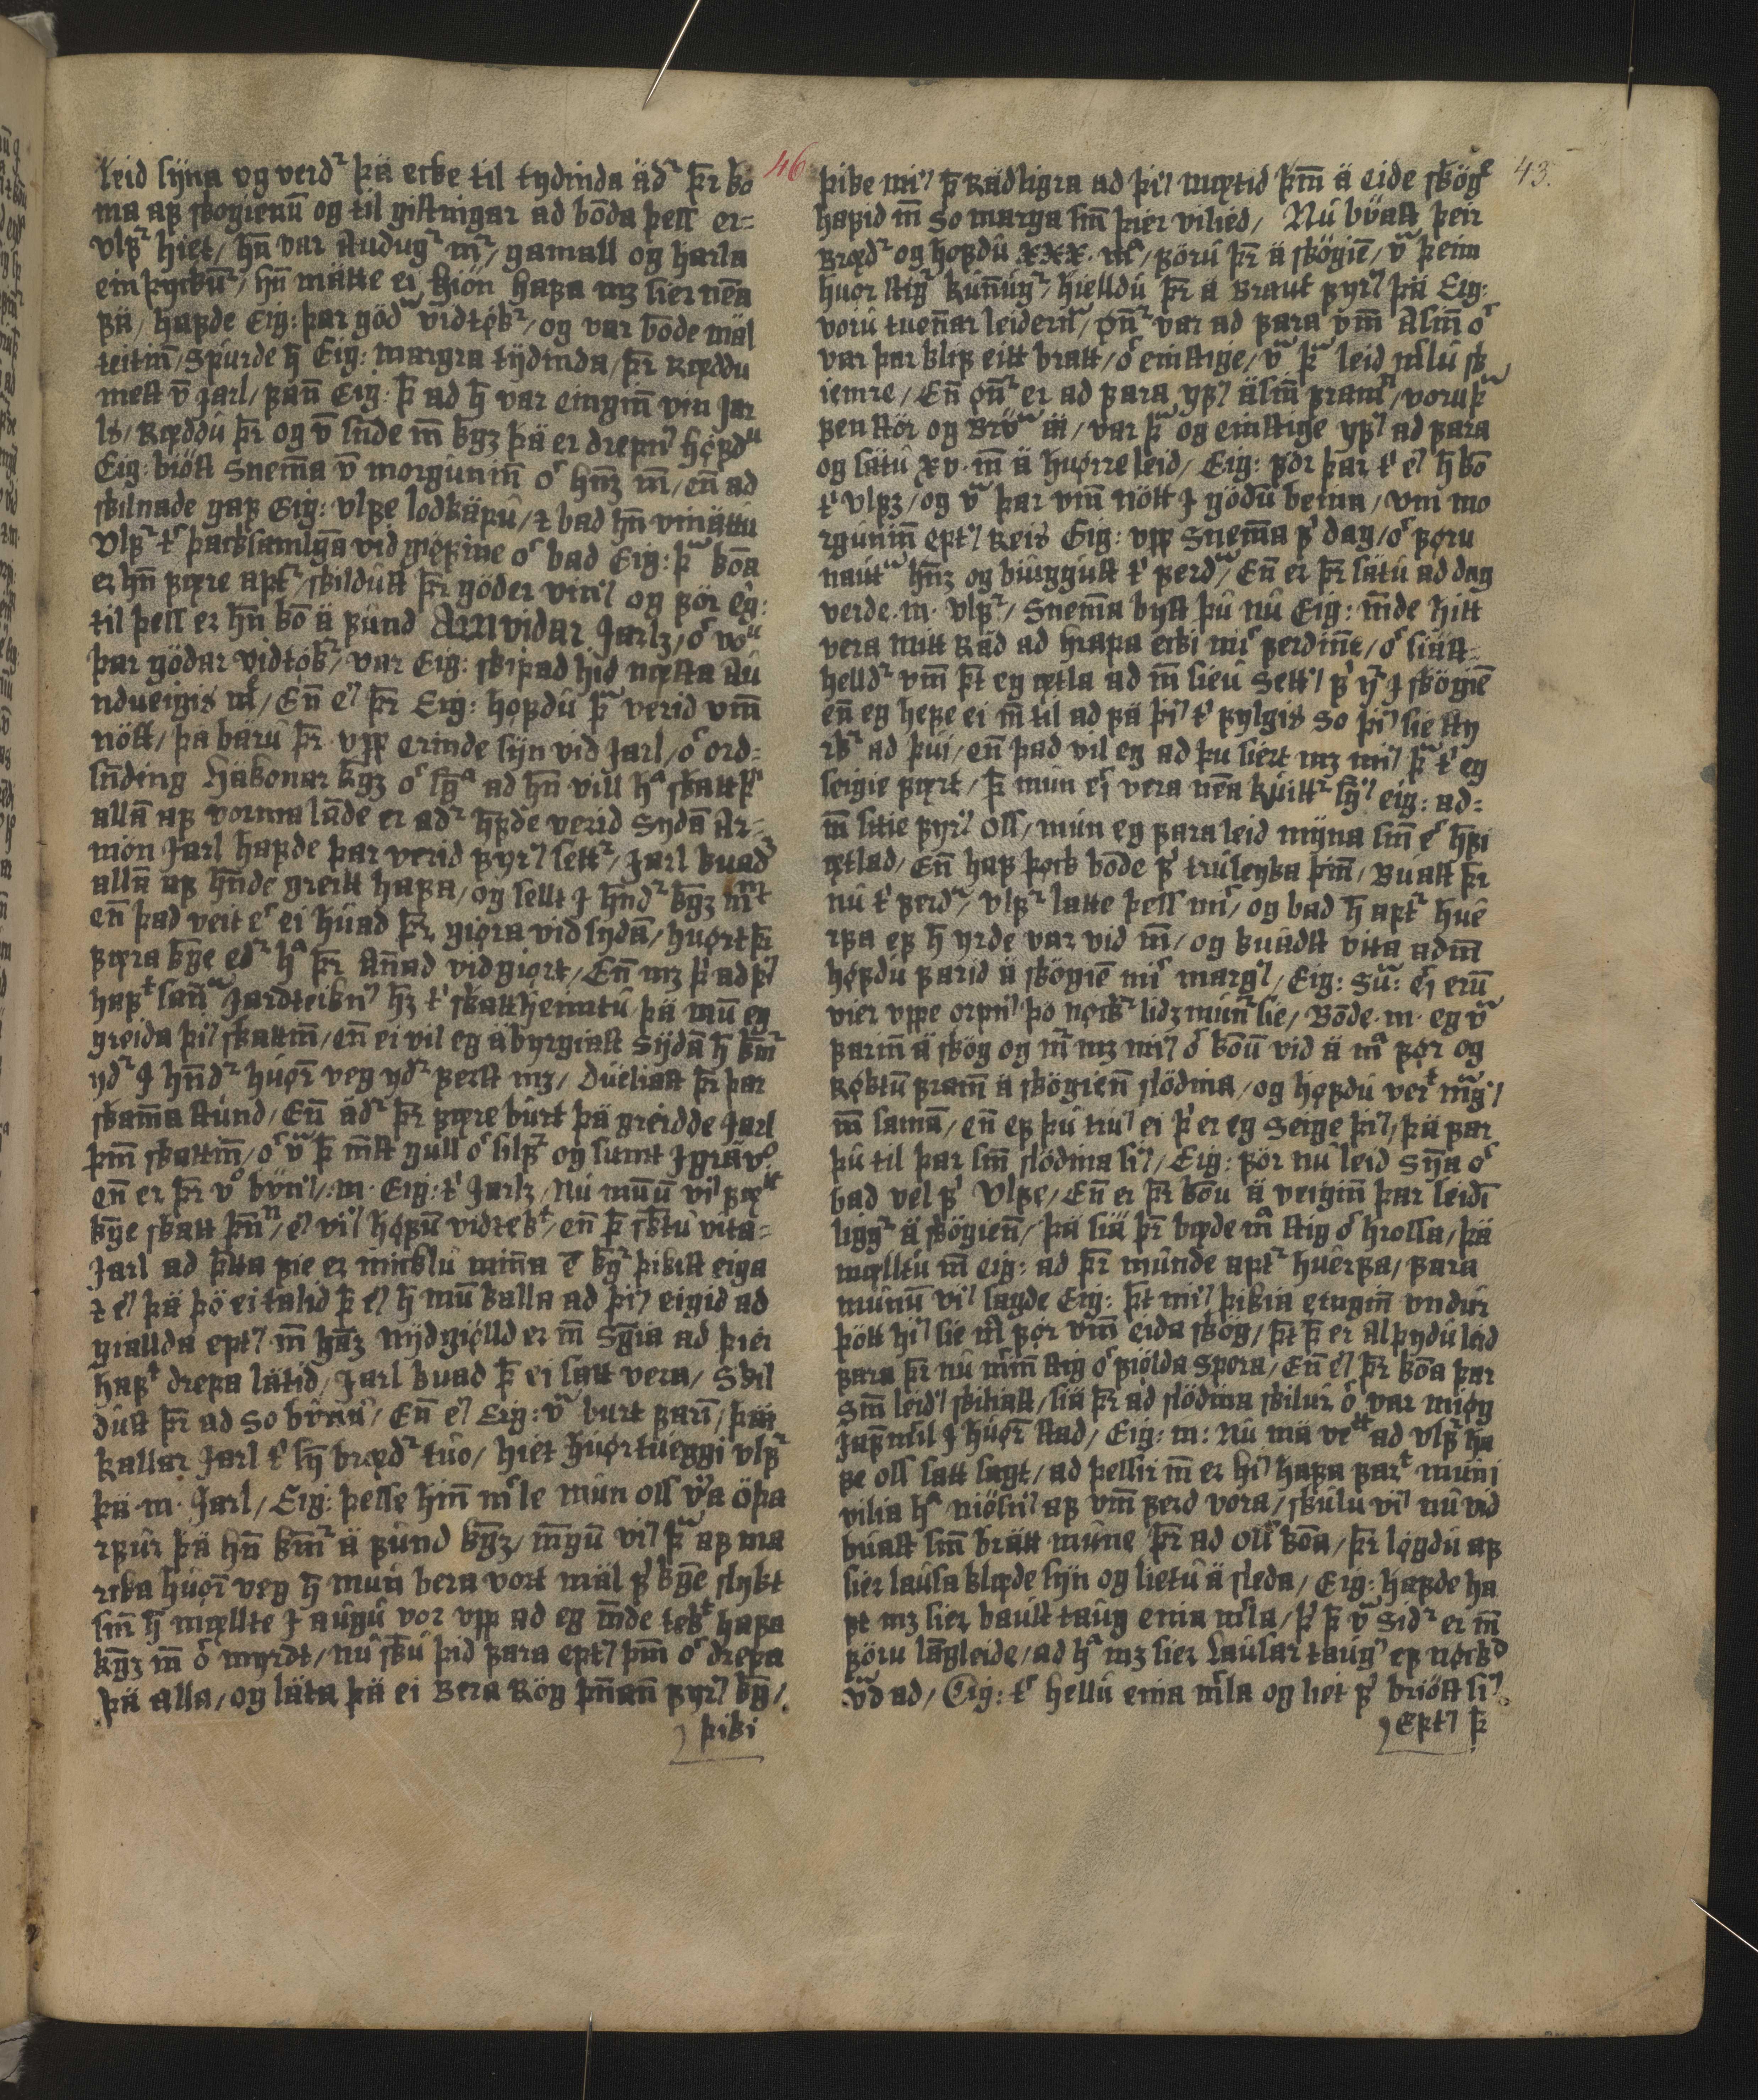 AM 128 fol - 46r